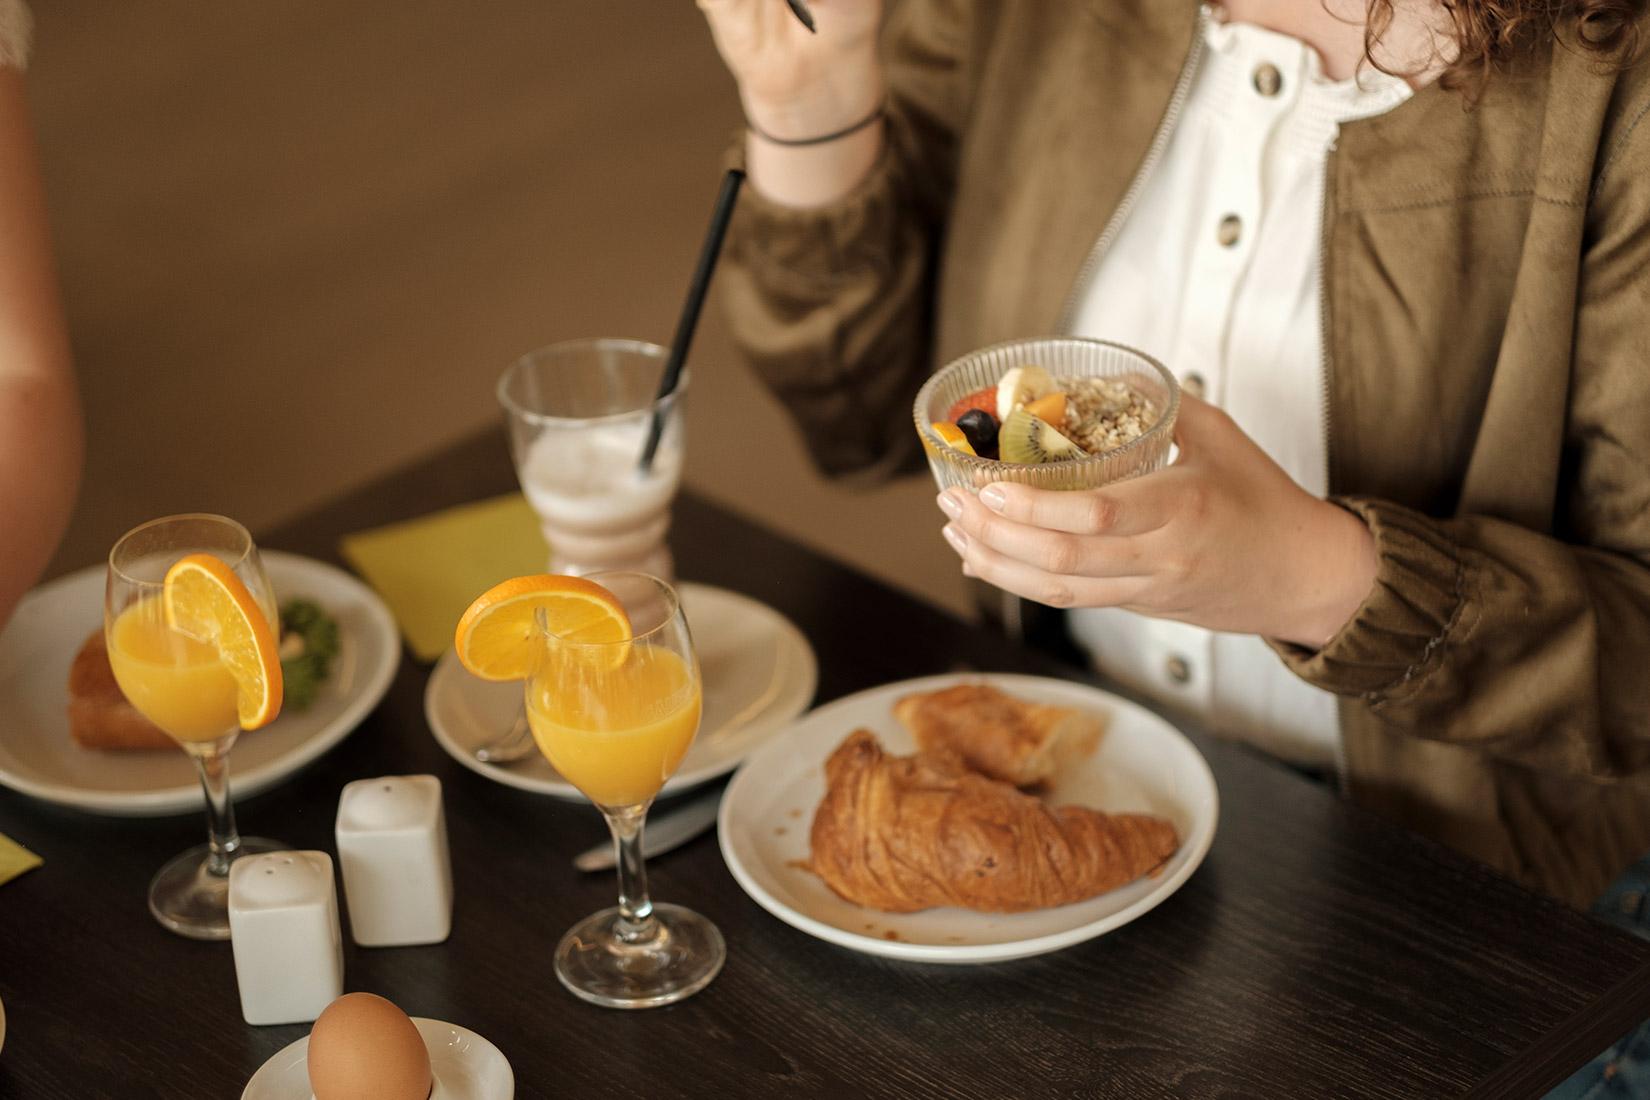 Französisches Frühstück beim Schützenbäck mit Orangensaft, Croissants, Müsli, Eiern